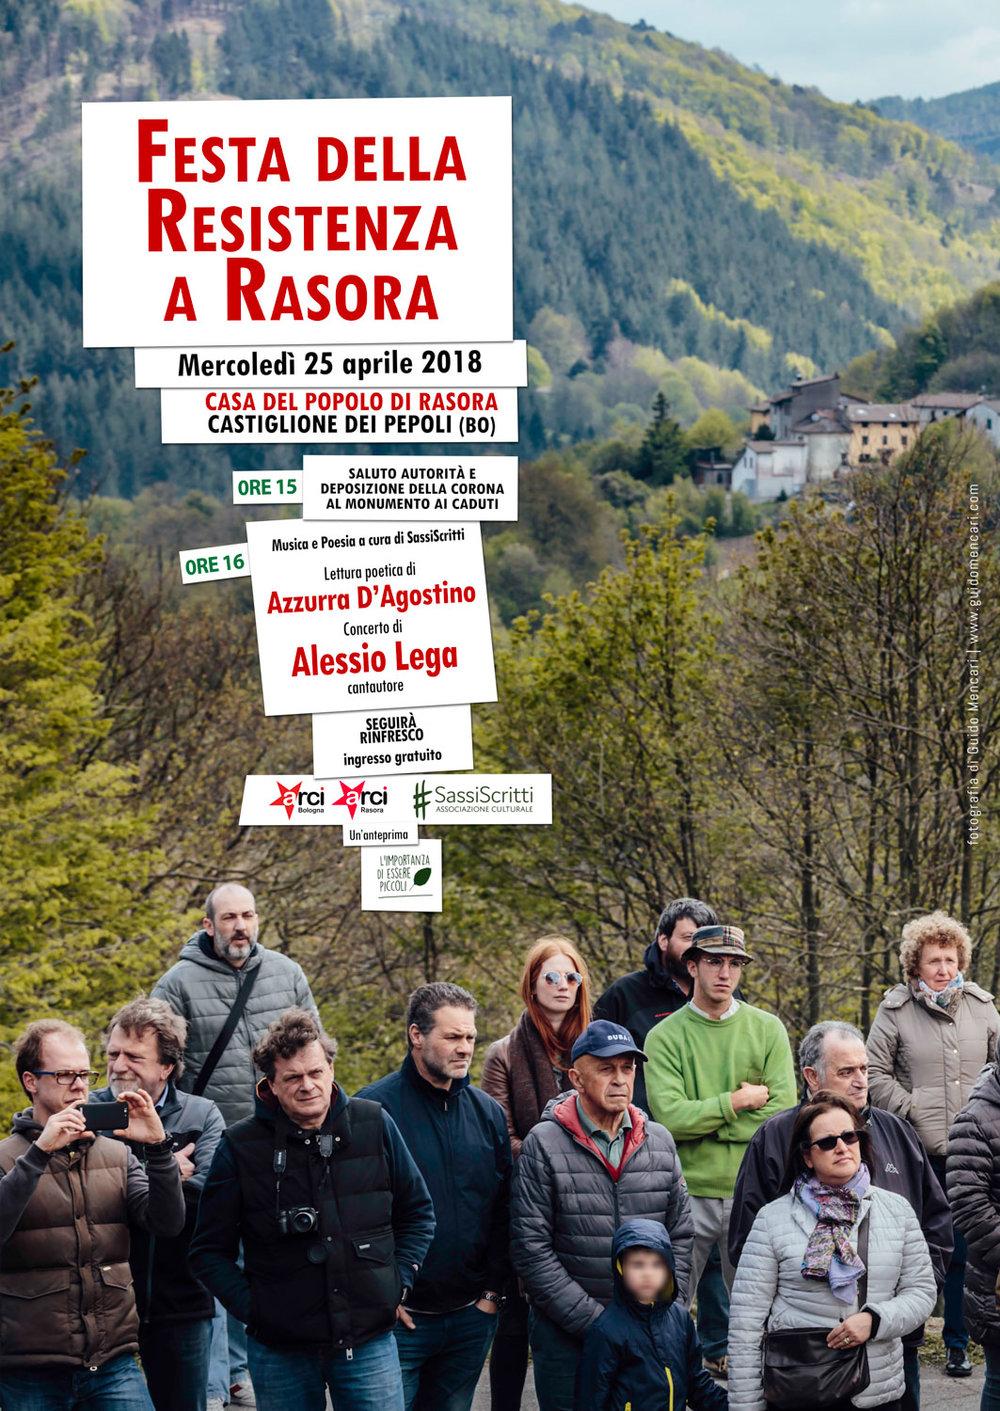 Festa della Resistenza a Rasora    #2   2018